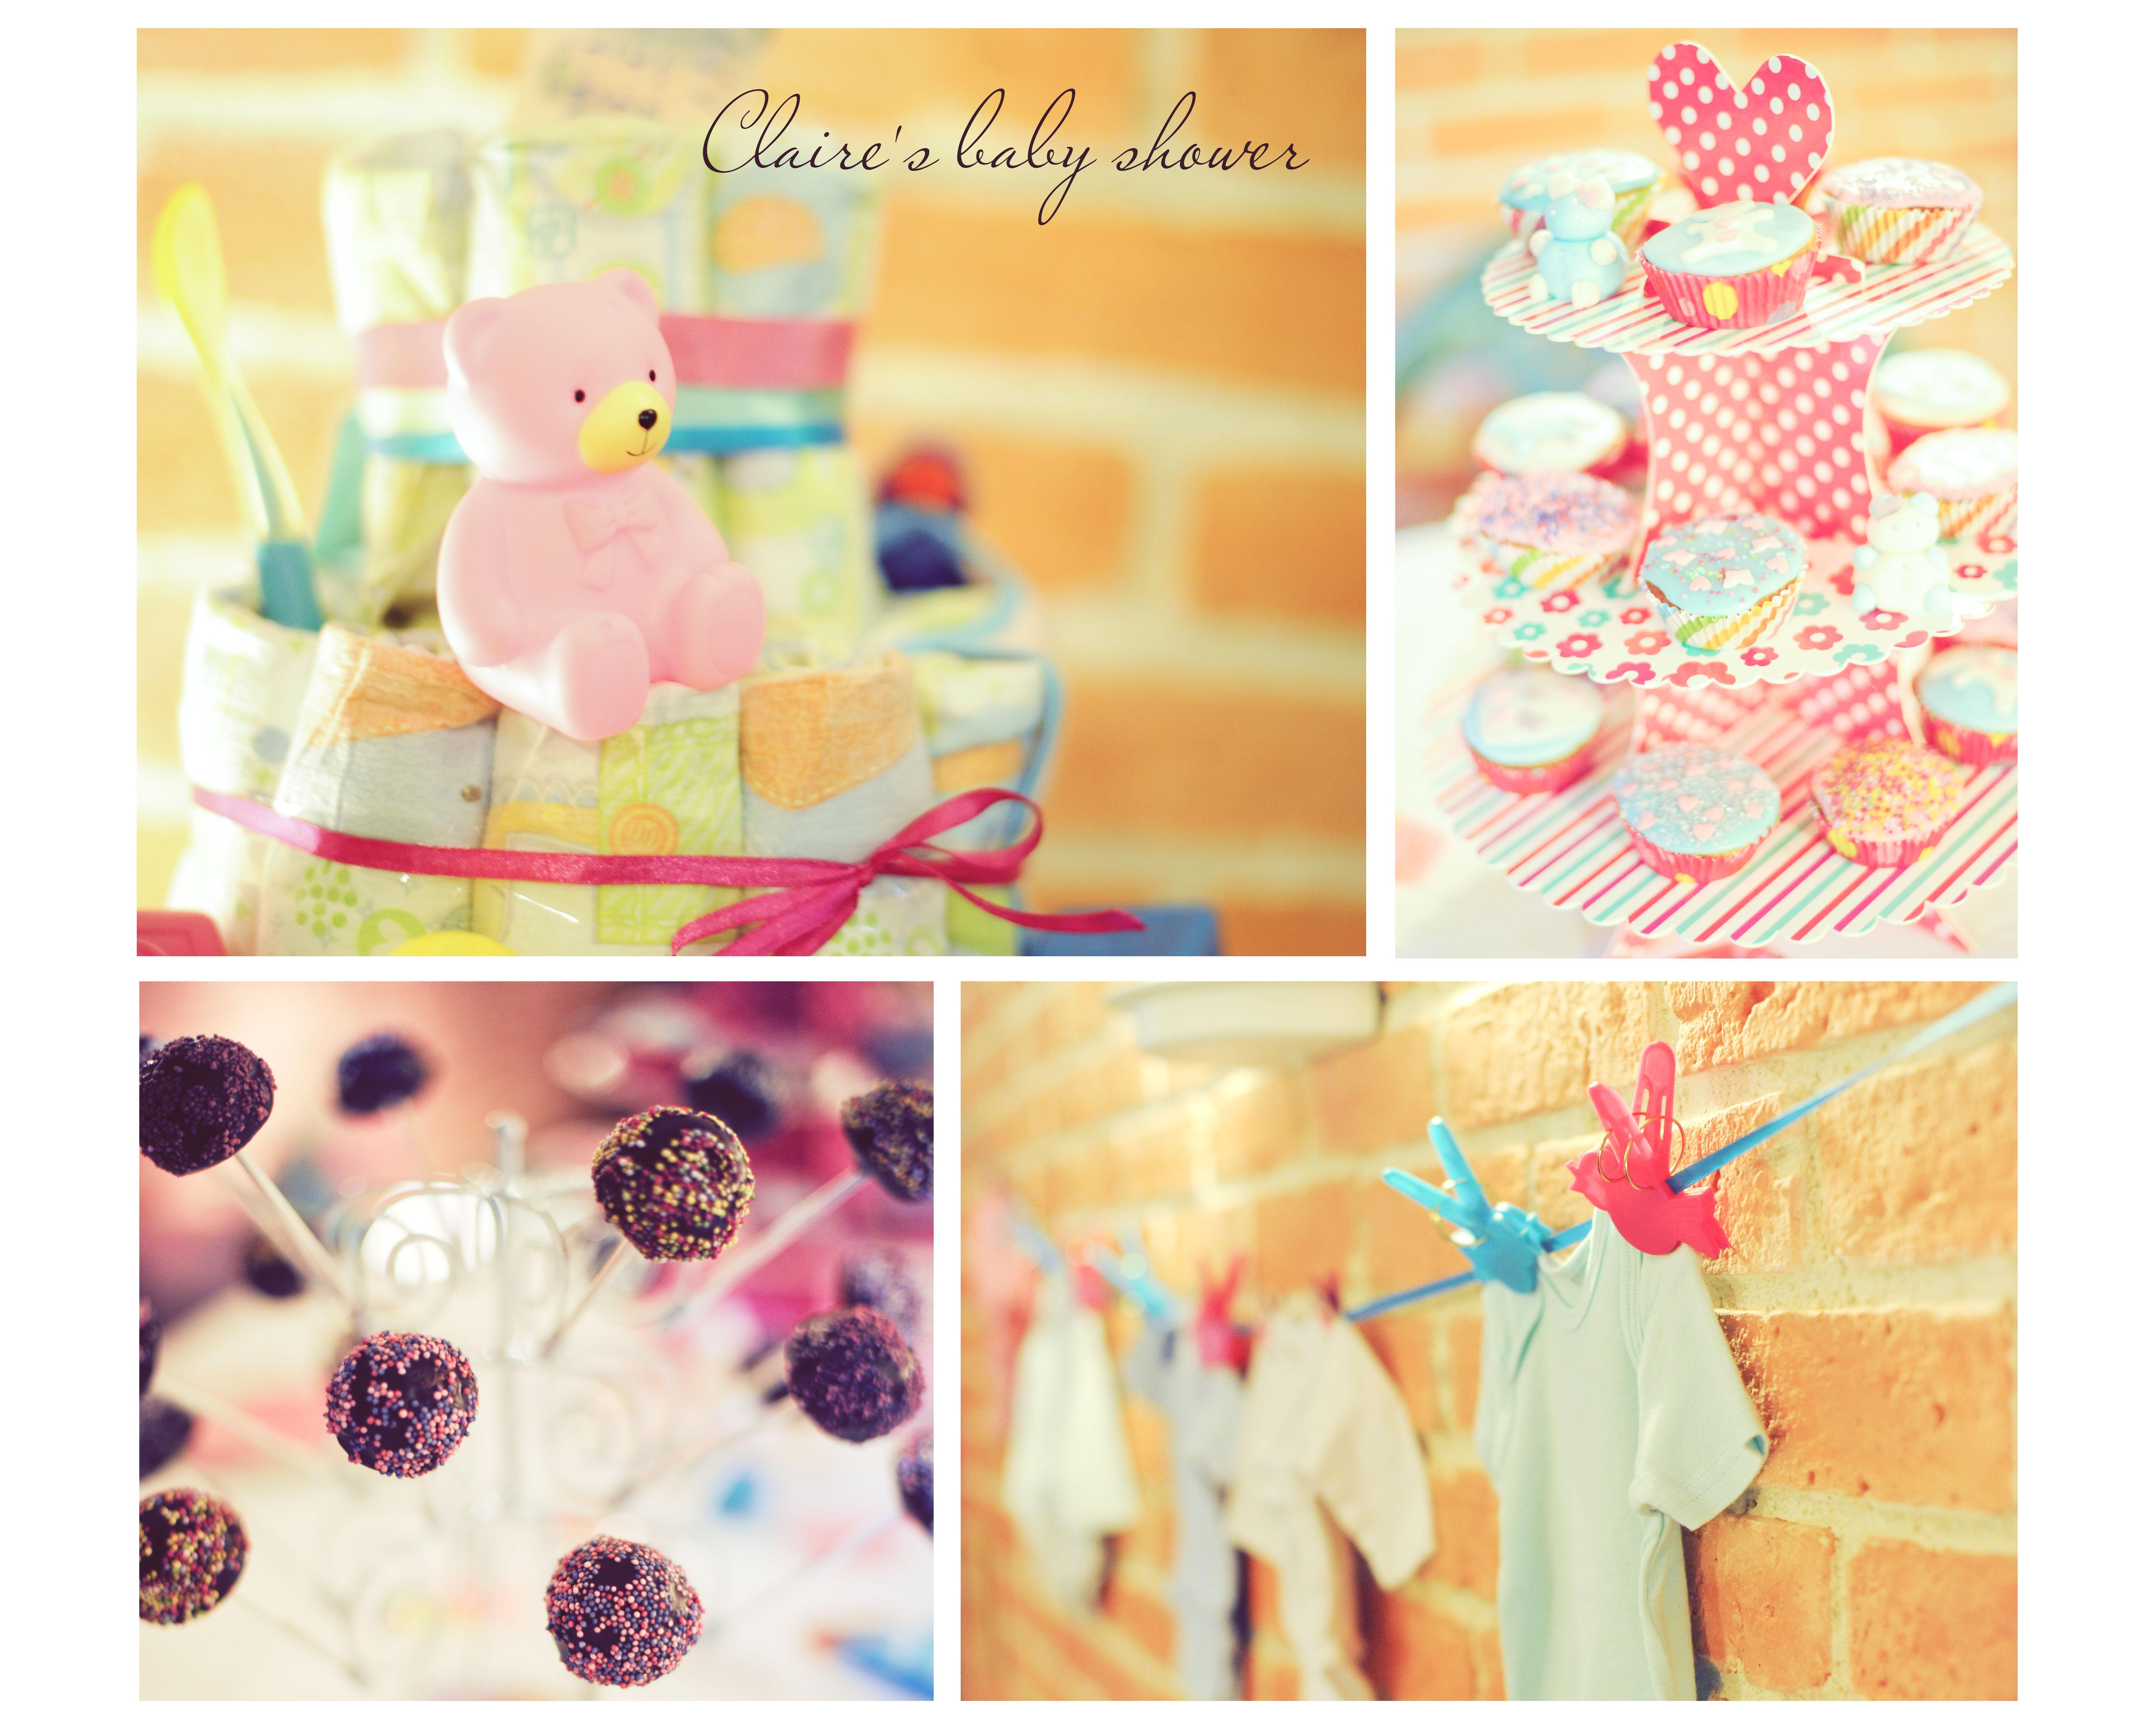 Idée Cadeau Baby Shower idée cadeau baby shower   lenka shur photographie